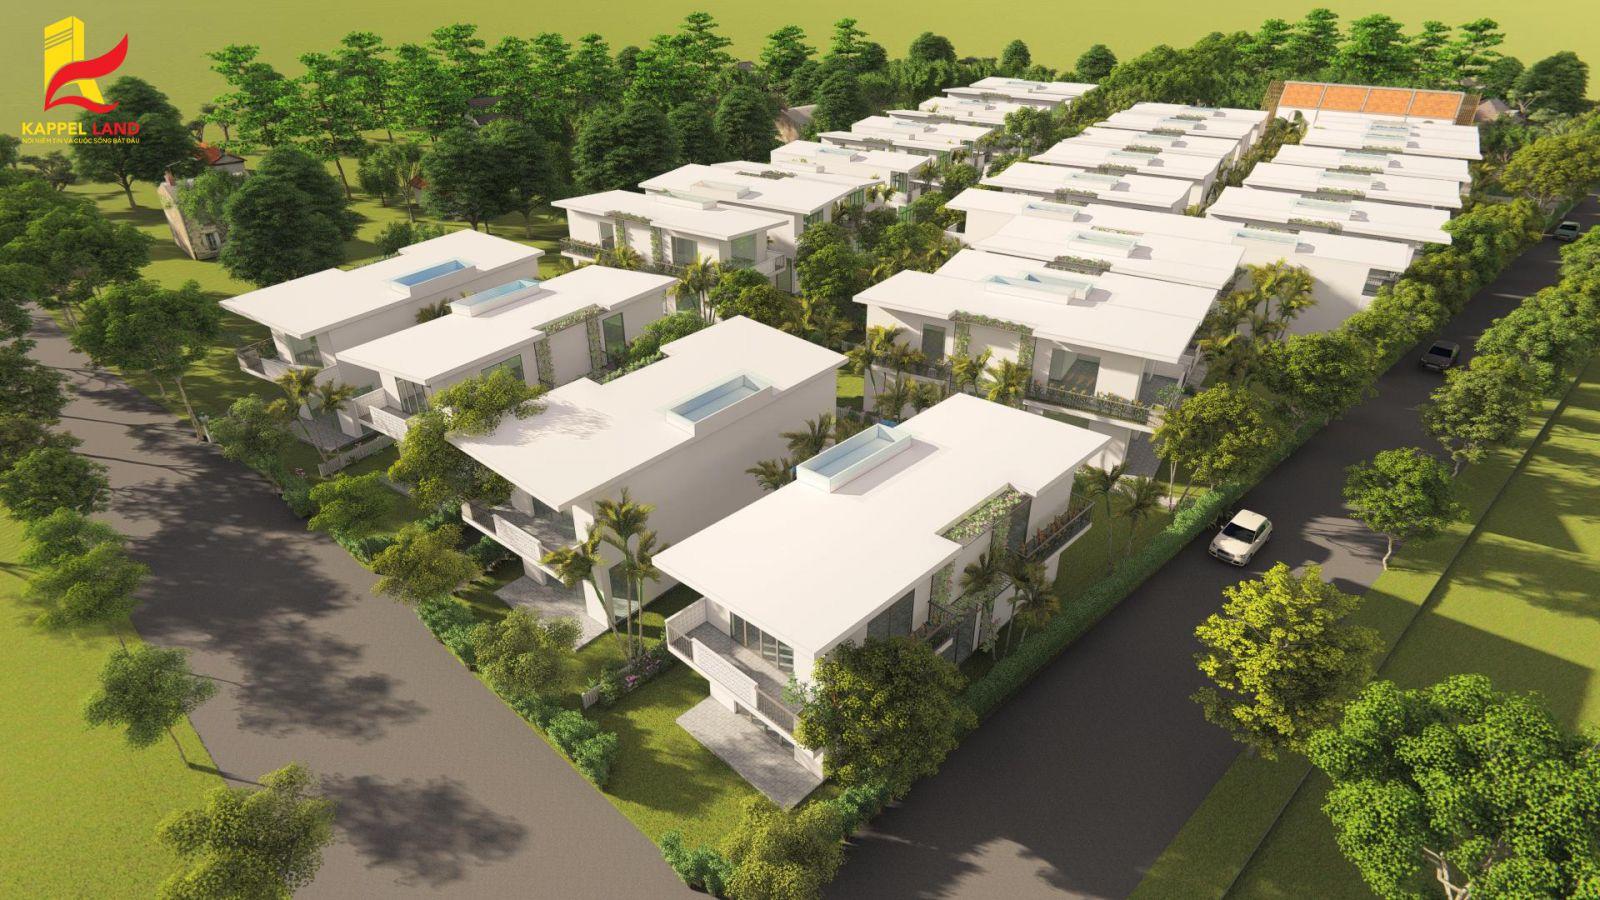 Dự án biệt thự nghỉ dưỡng Kappel Land